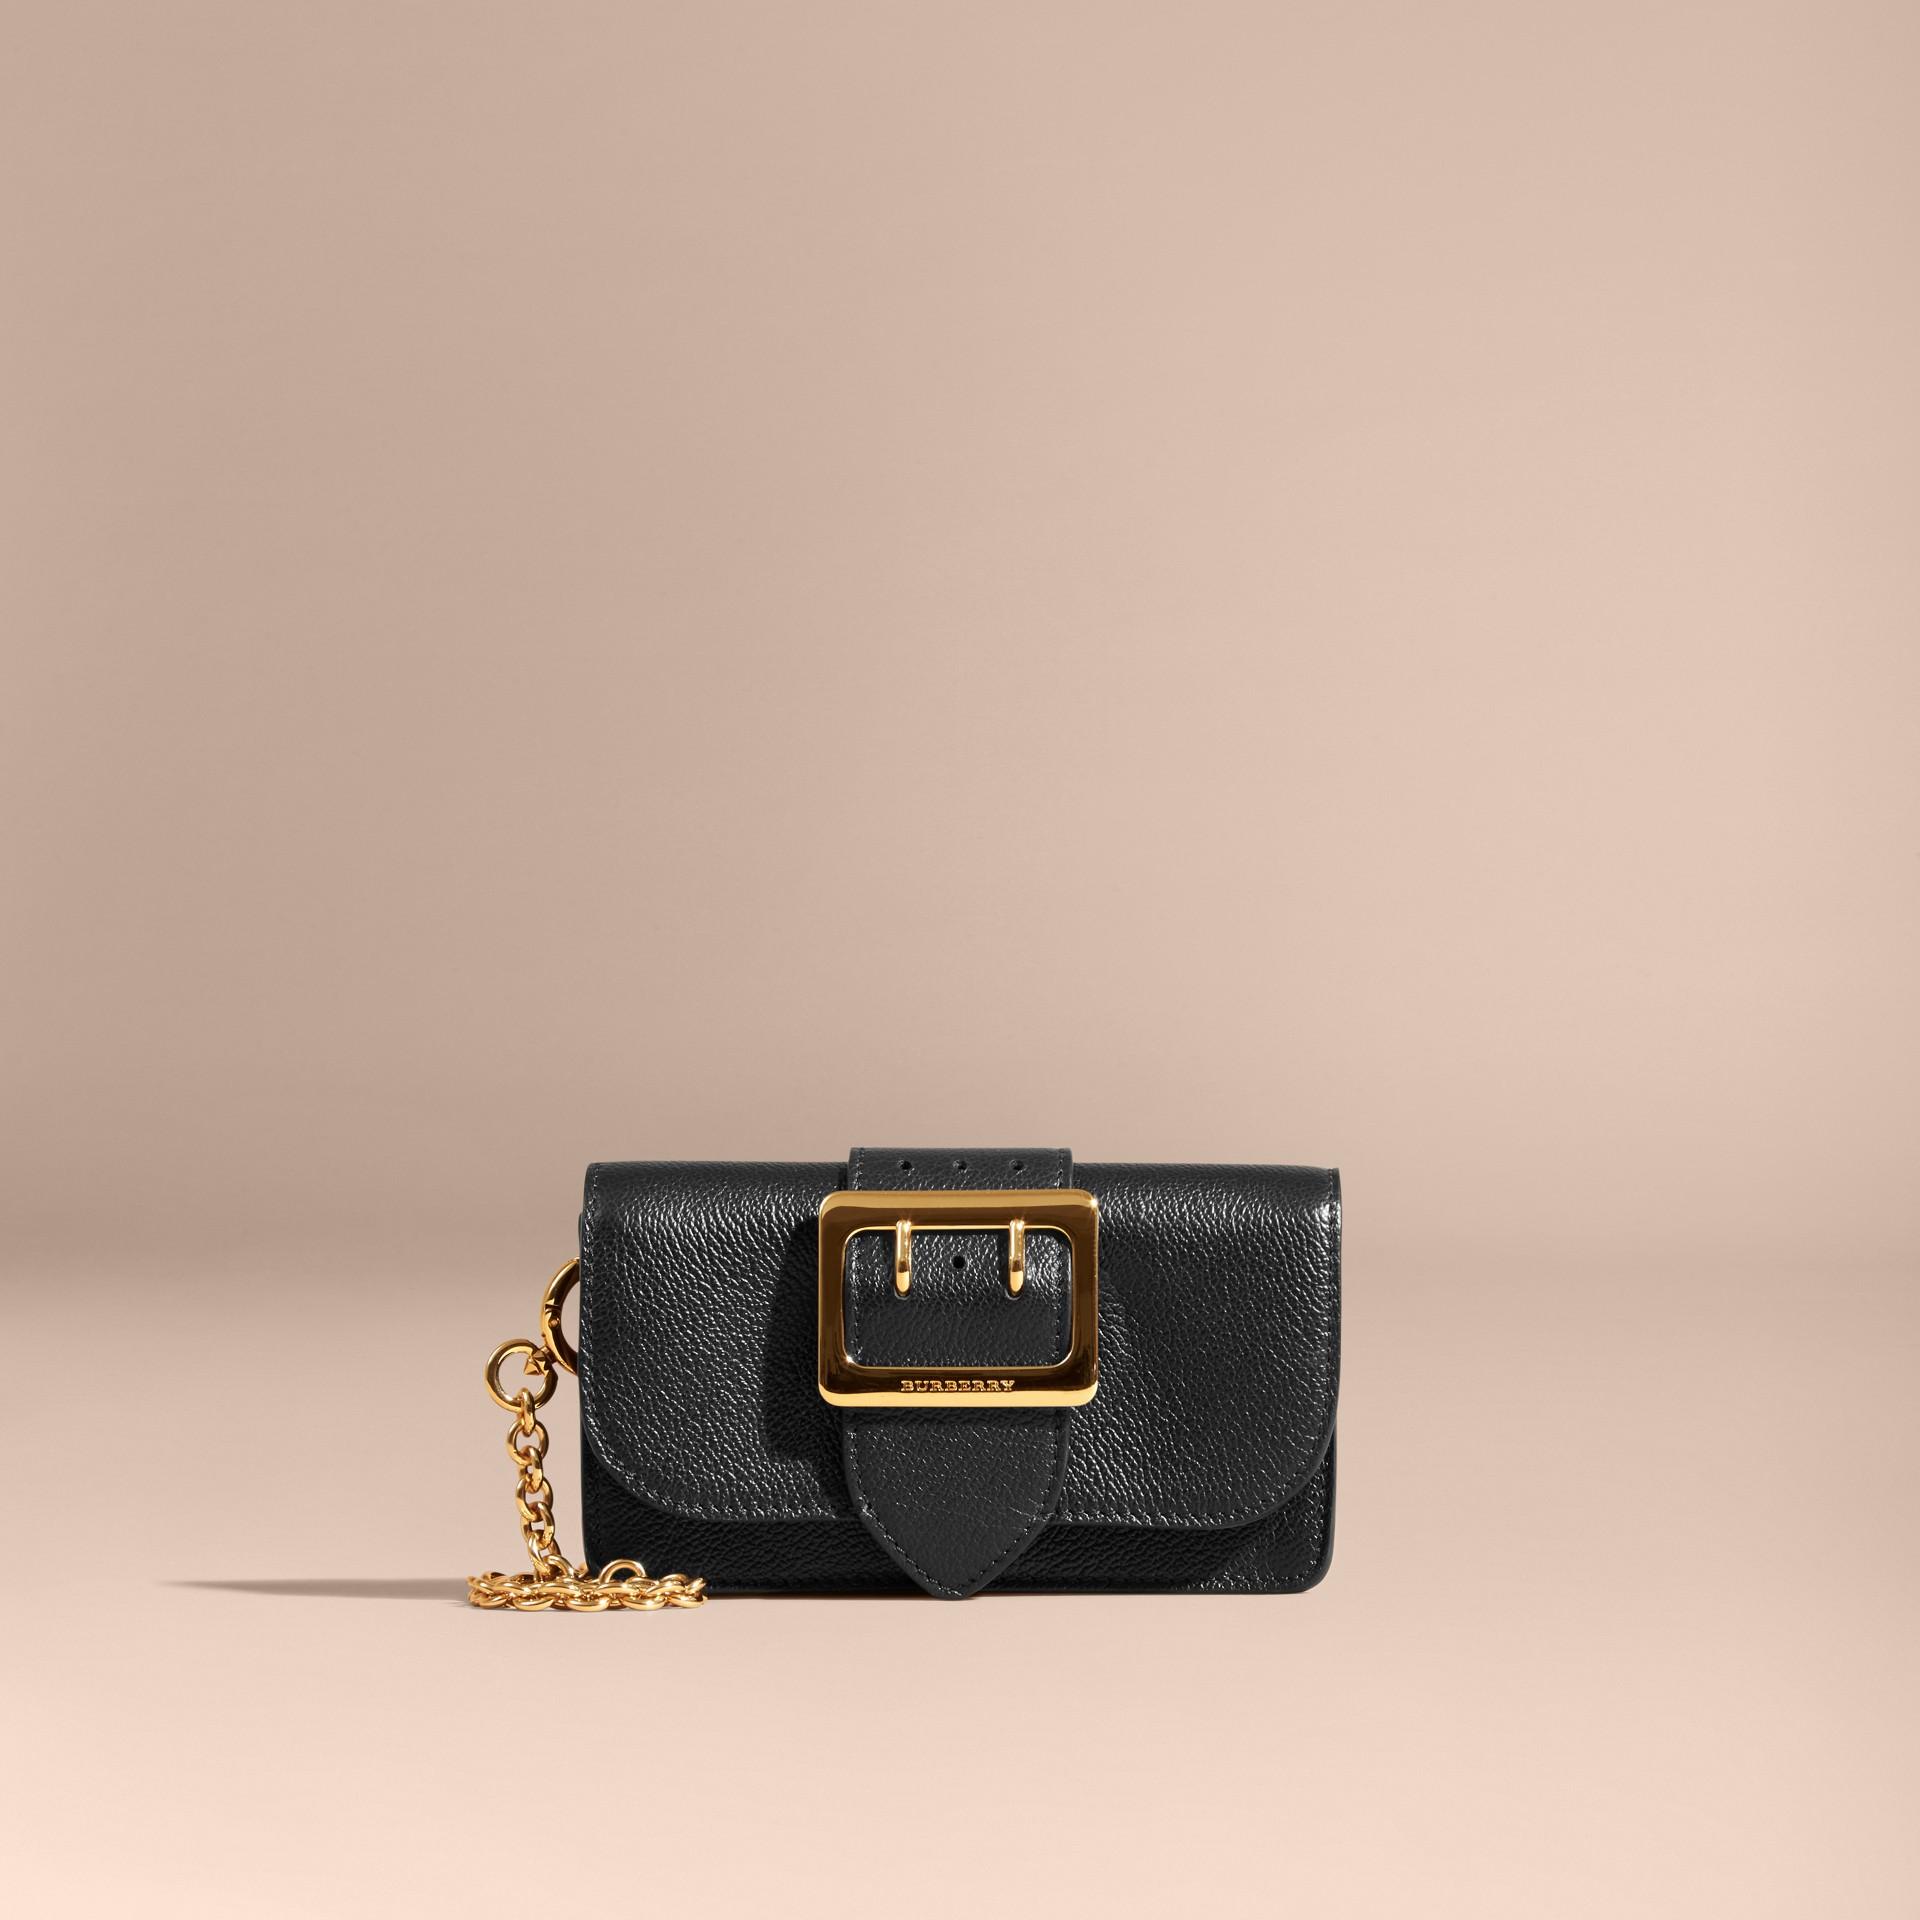 Schwarz The Mini Buckle Bag aus genarbtem Leder Schwarz - Galerie-Bild 7